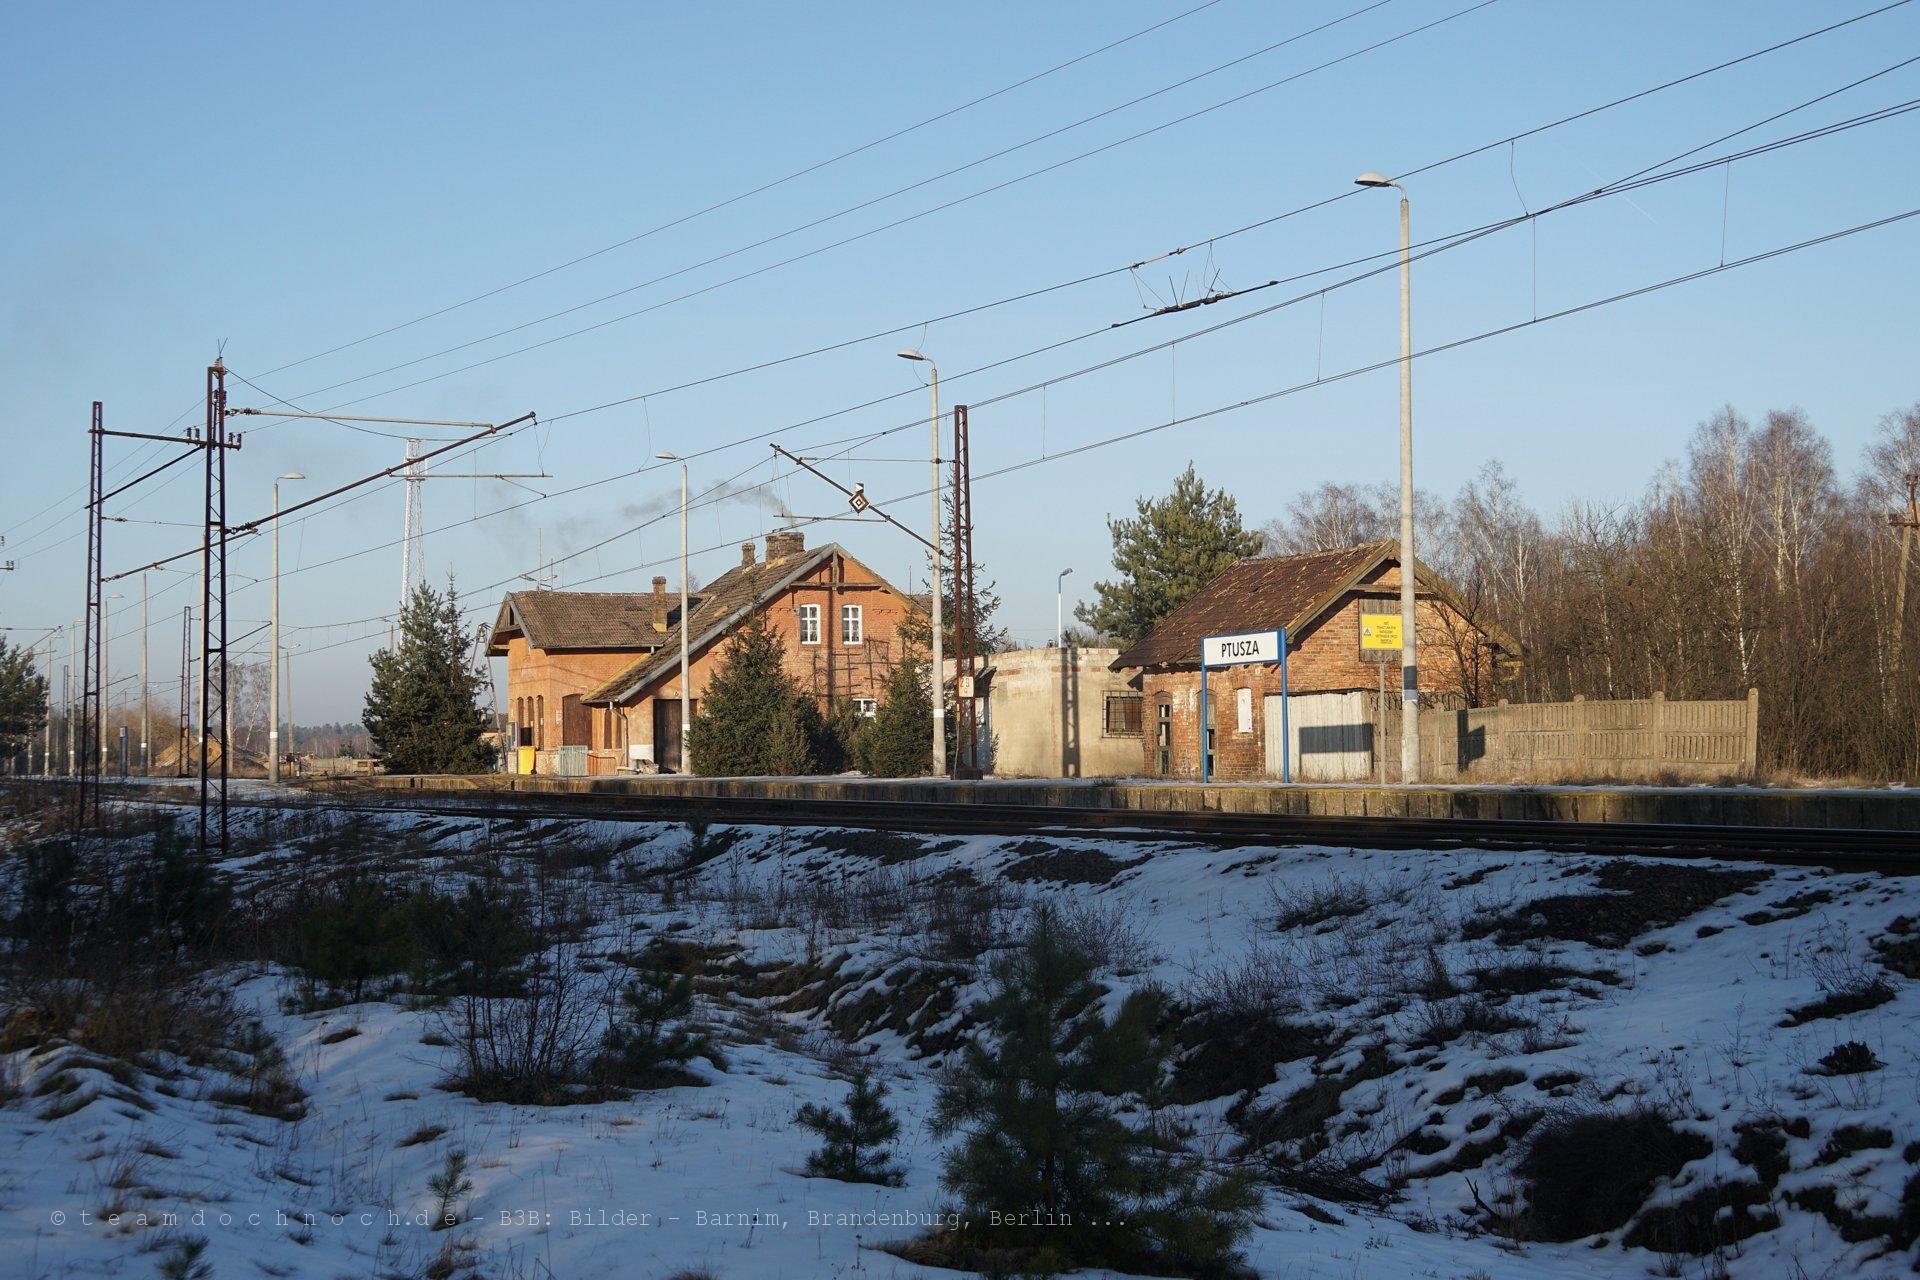 Bahnhof Ptusza